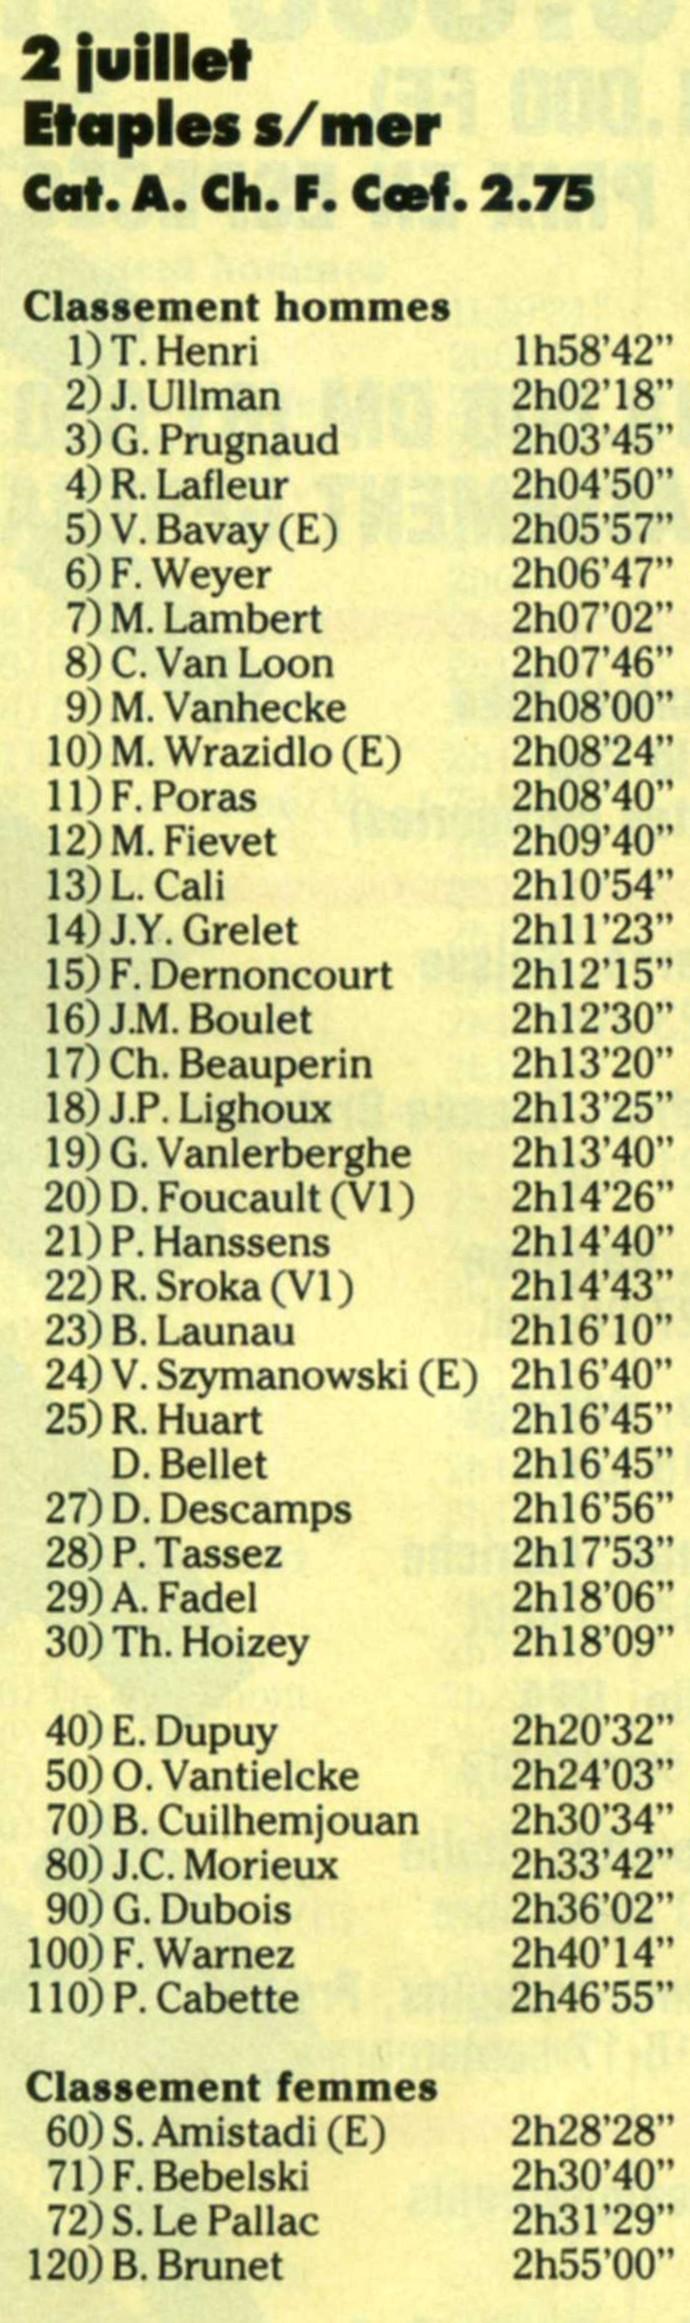 img[A]026_02-JUILLET-1989_etaples_résultats